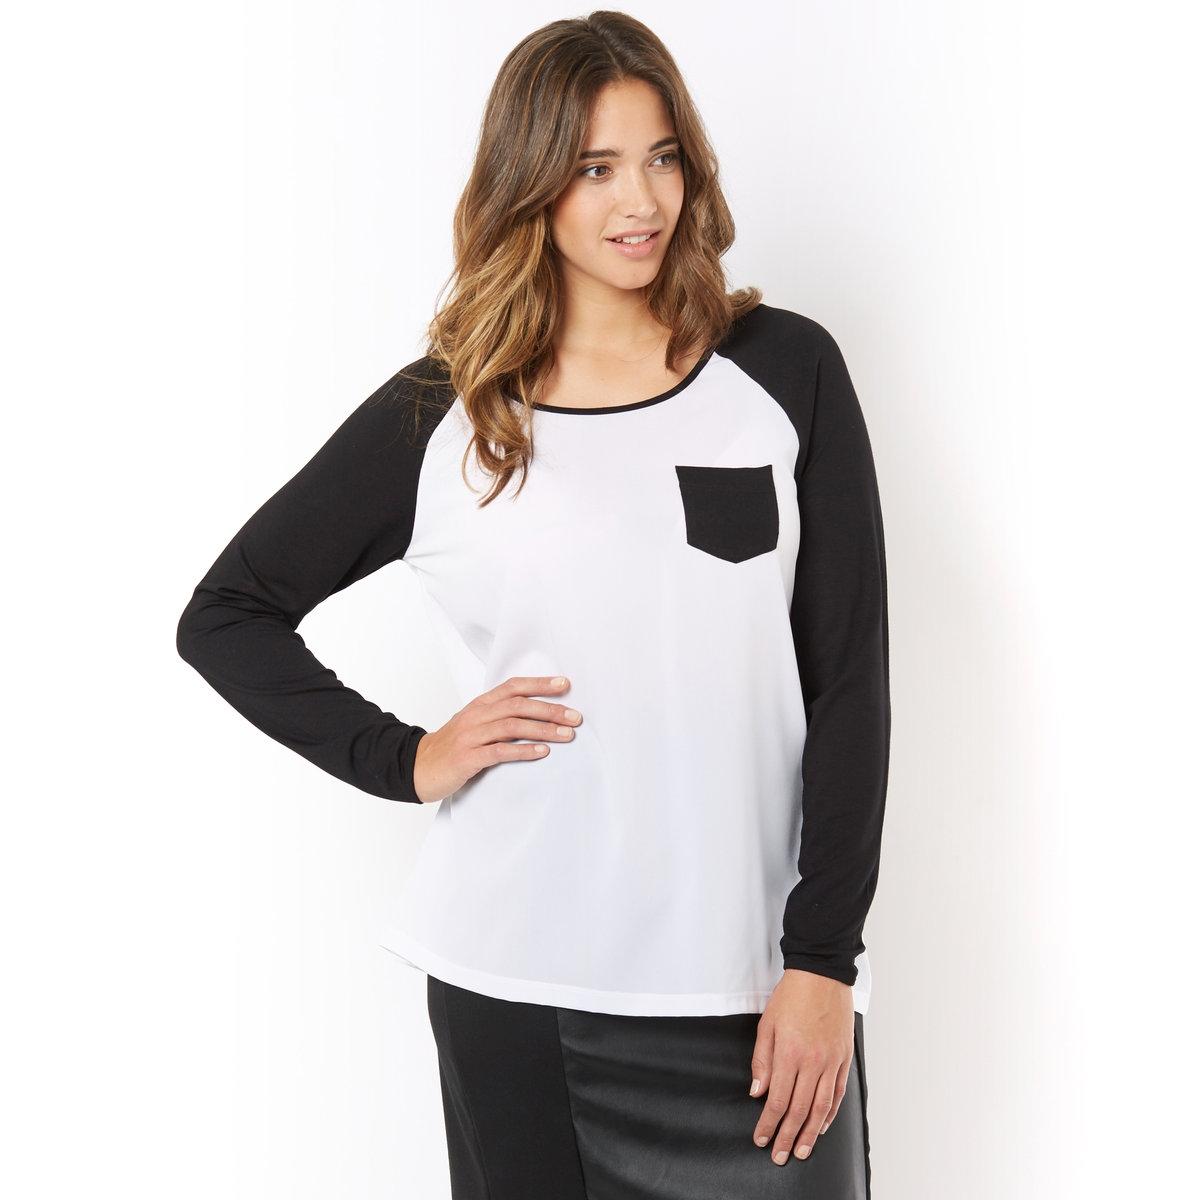 Футболка двухцветнаяДвухцветная футболка. Круглый вырез, длинные рукава и нагрудный карман с контрастной отделкой. Рукава из трикотажа контрастного цвета: 95% вискозы, 5% эластана. Основа: вуаль, 100% полиэстера. Длина 70 см.<br><br>Цвет: белый/ черный<br>Размер: 42/44 (FR) - 48/50 (RUS)